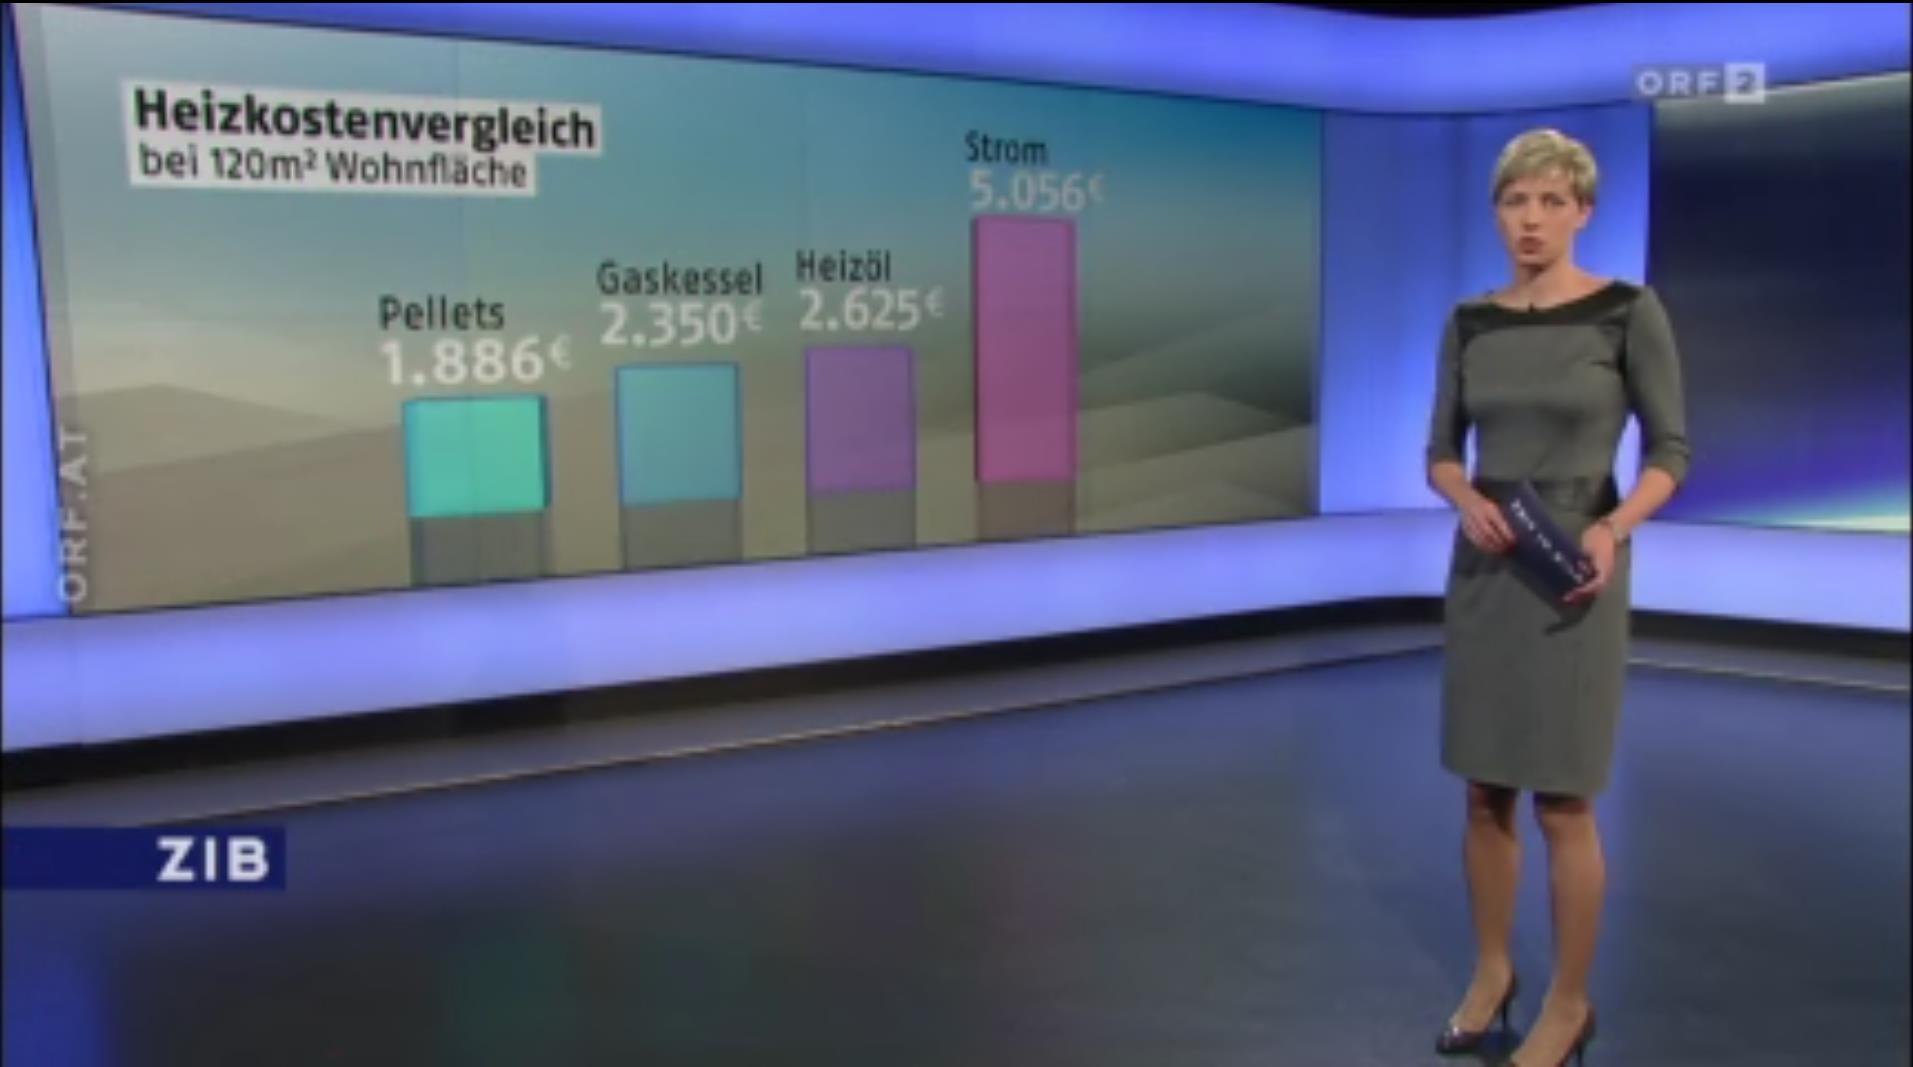 Heizkosten vergleichen, aber richtig!  – Falschinformation am Konsumenten in der ZIB